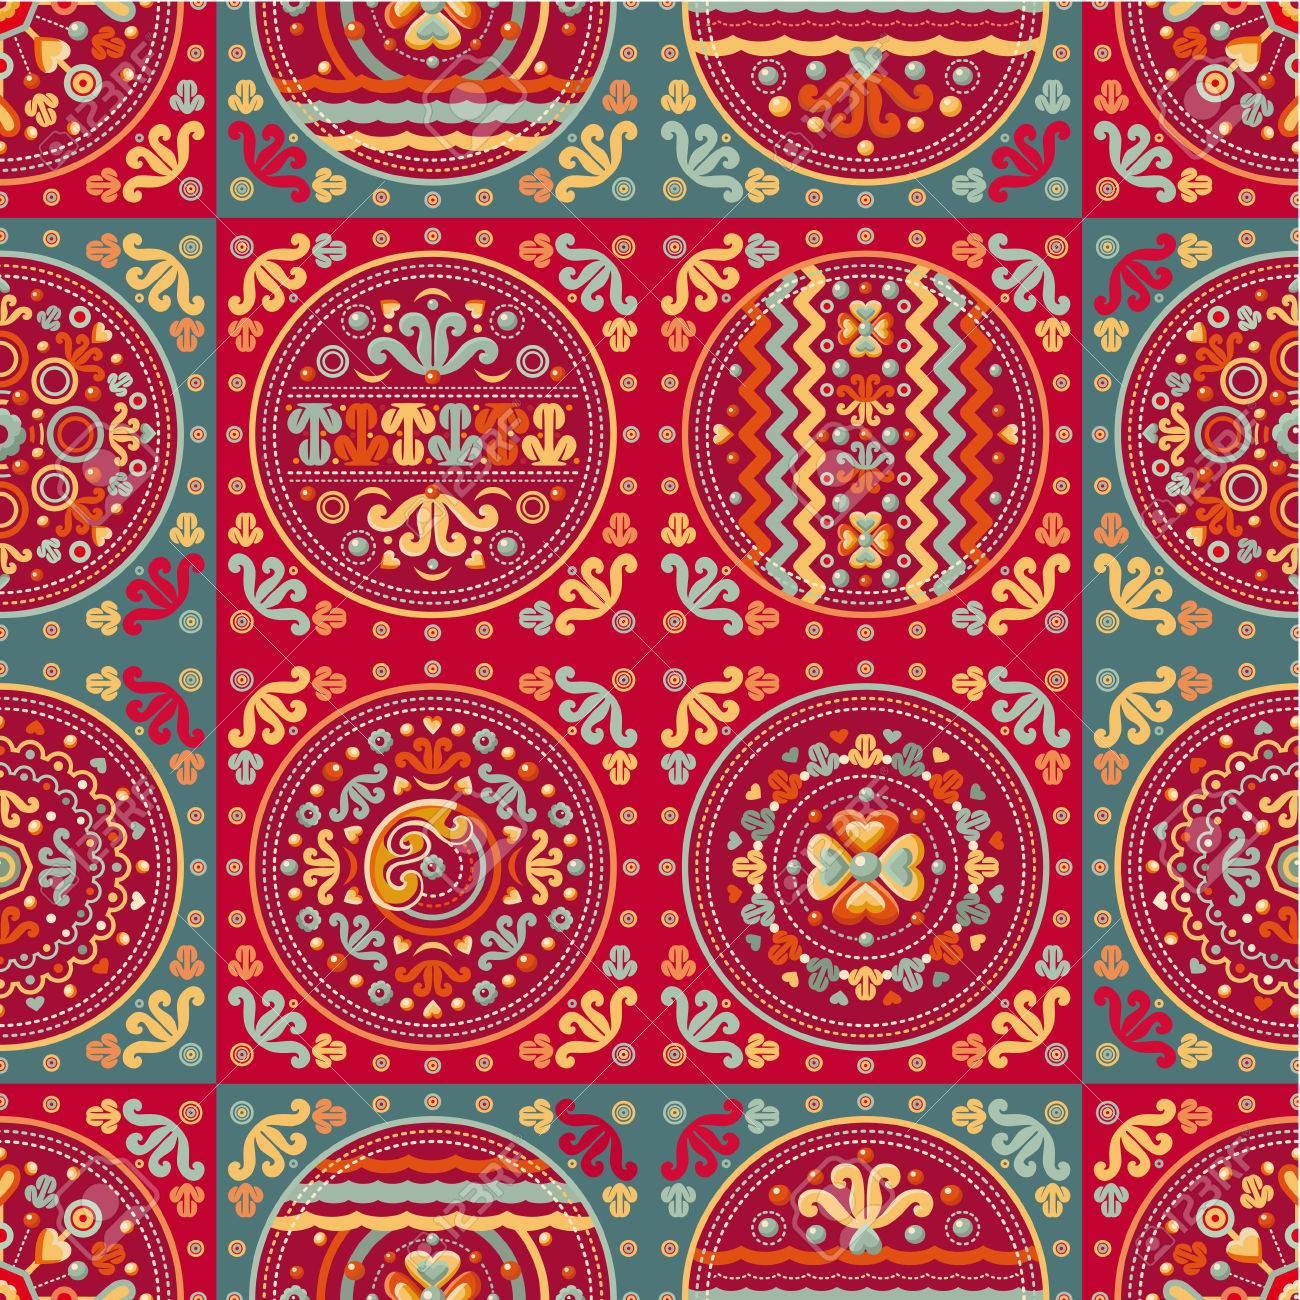 Patrón De Mosaico Sin Fisuras. Estampado Geométrico étnico. Fondos ...